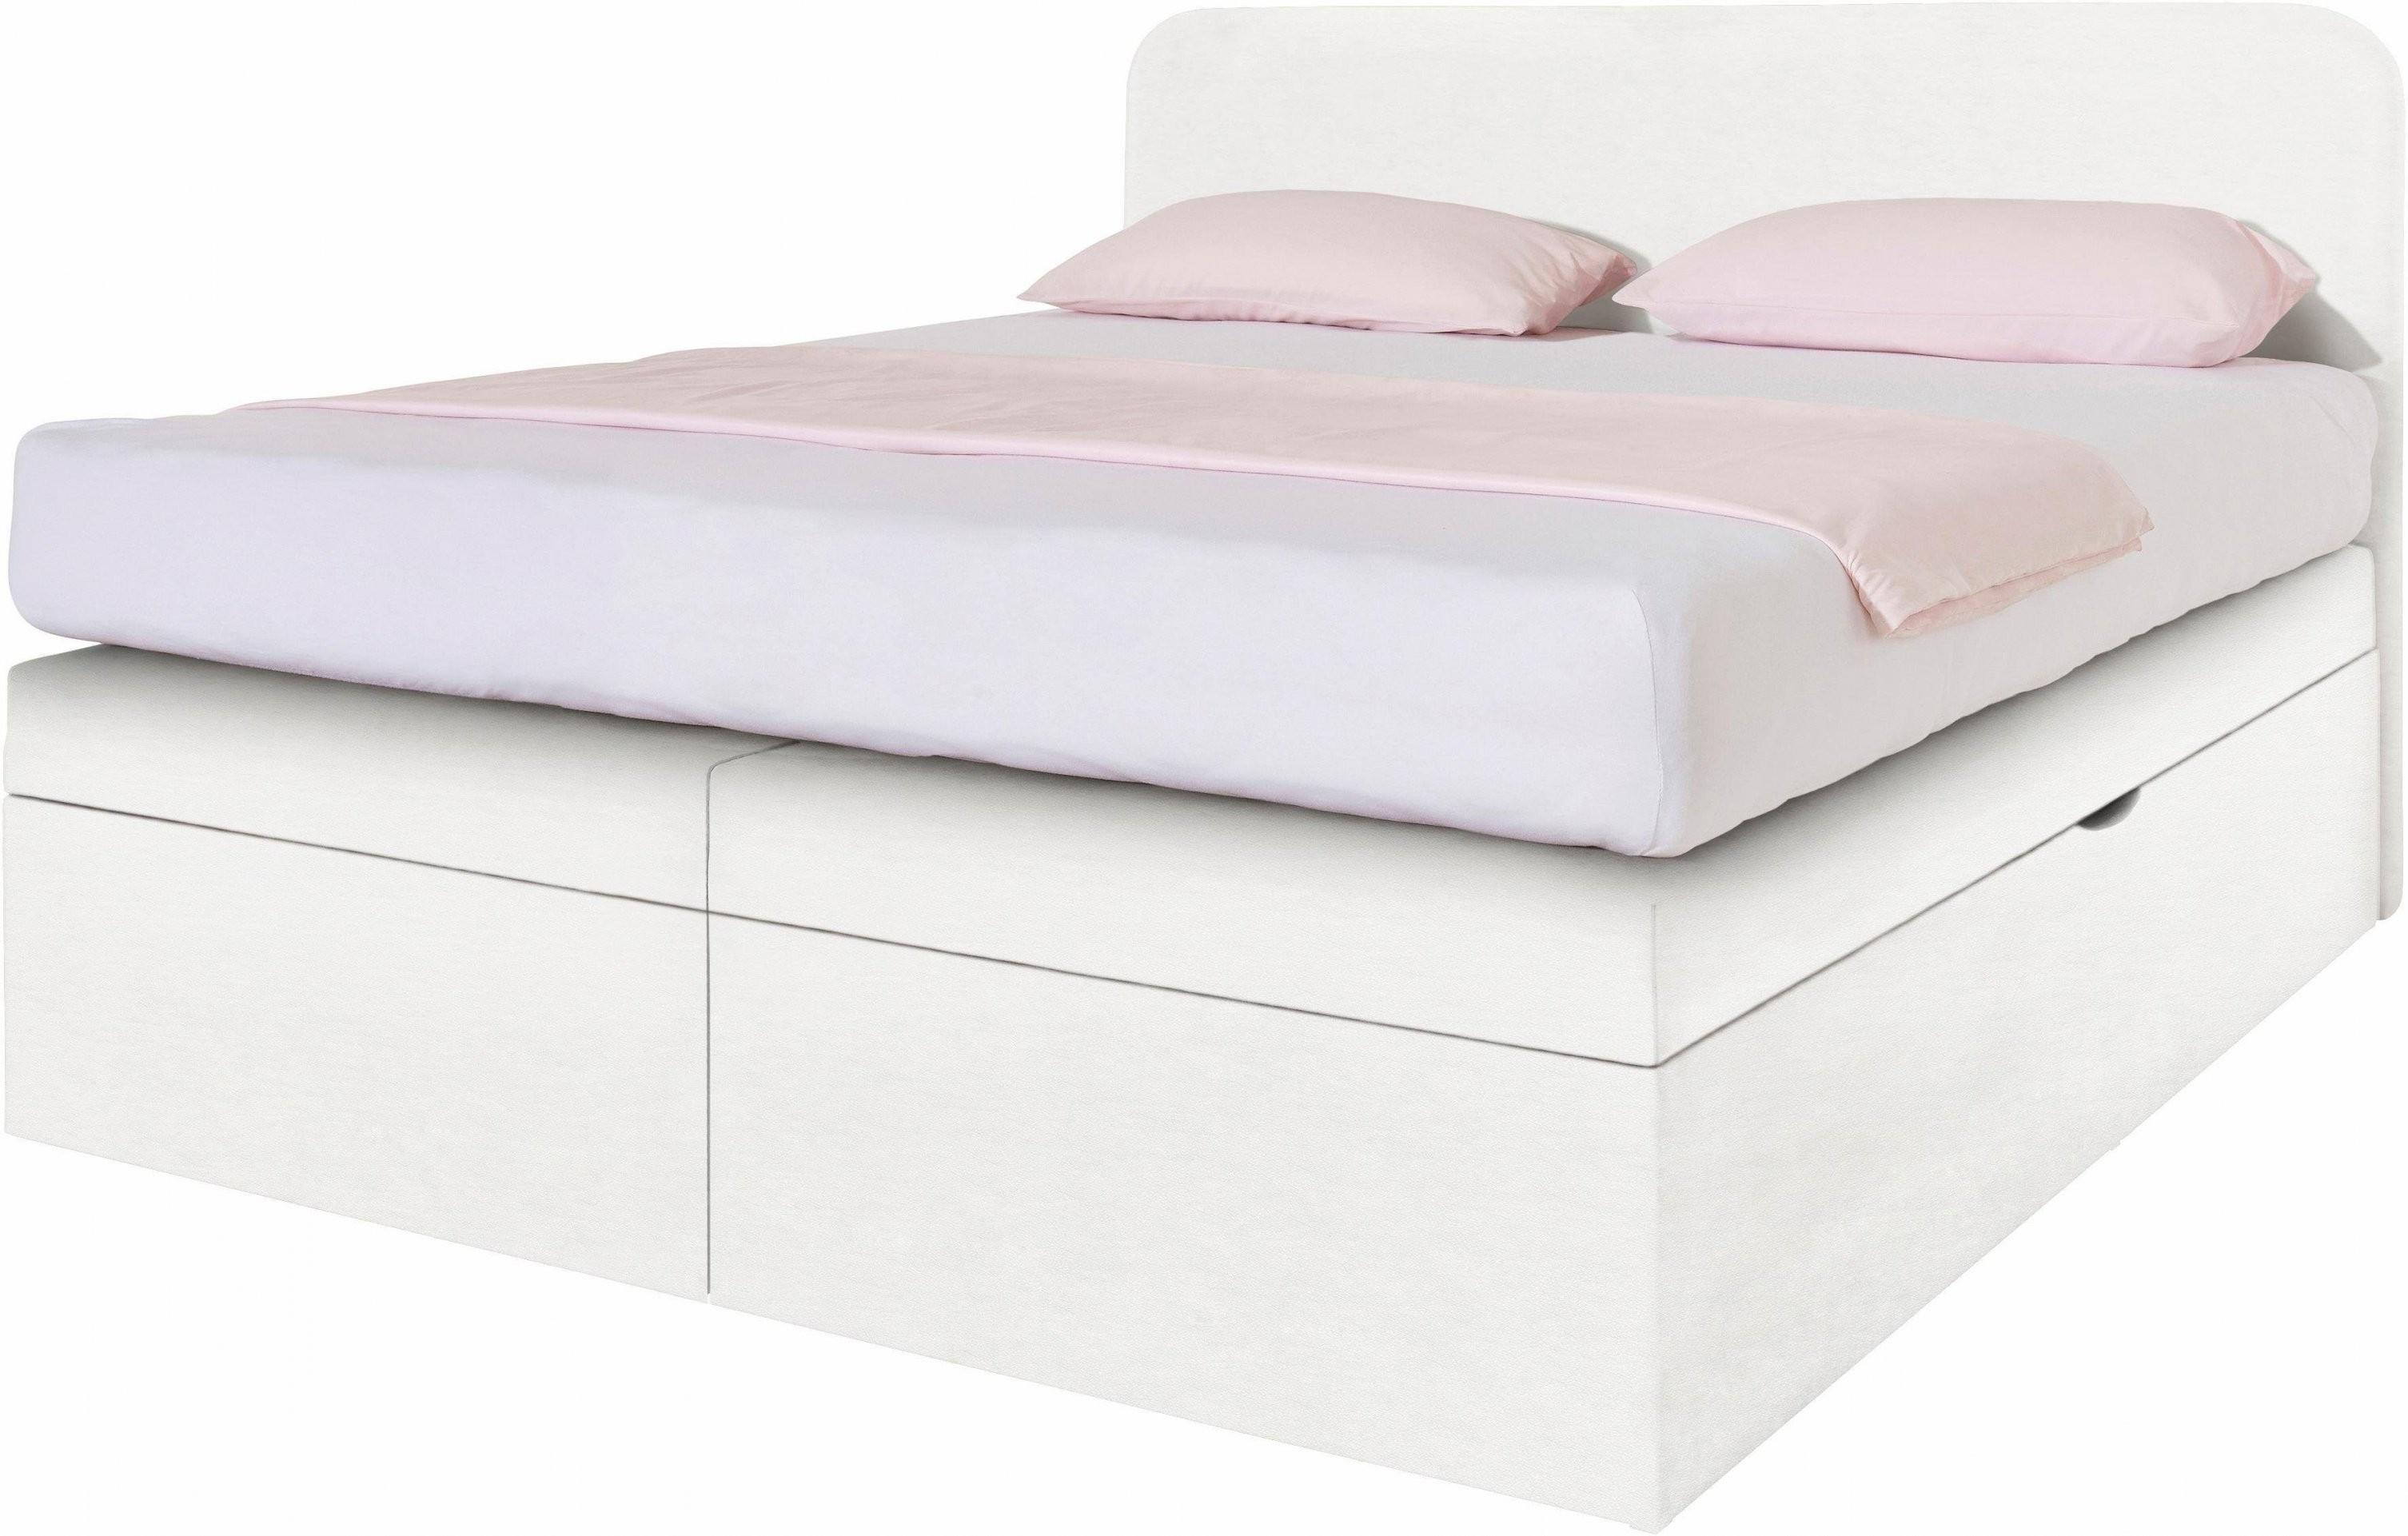 Lit Moderne 140 X 200 Erstaunlich Günstige Betten 140X200 Mit von Günstige Betten 140X200 Mit Lattenrost Und Matratze Bild